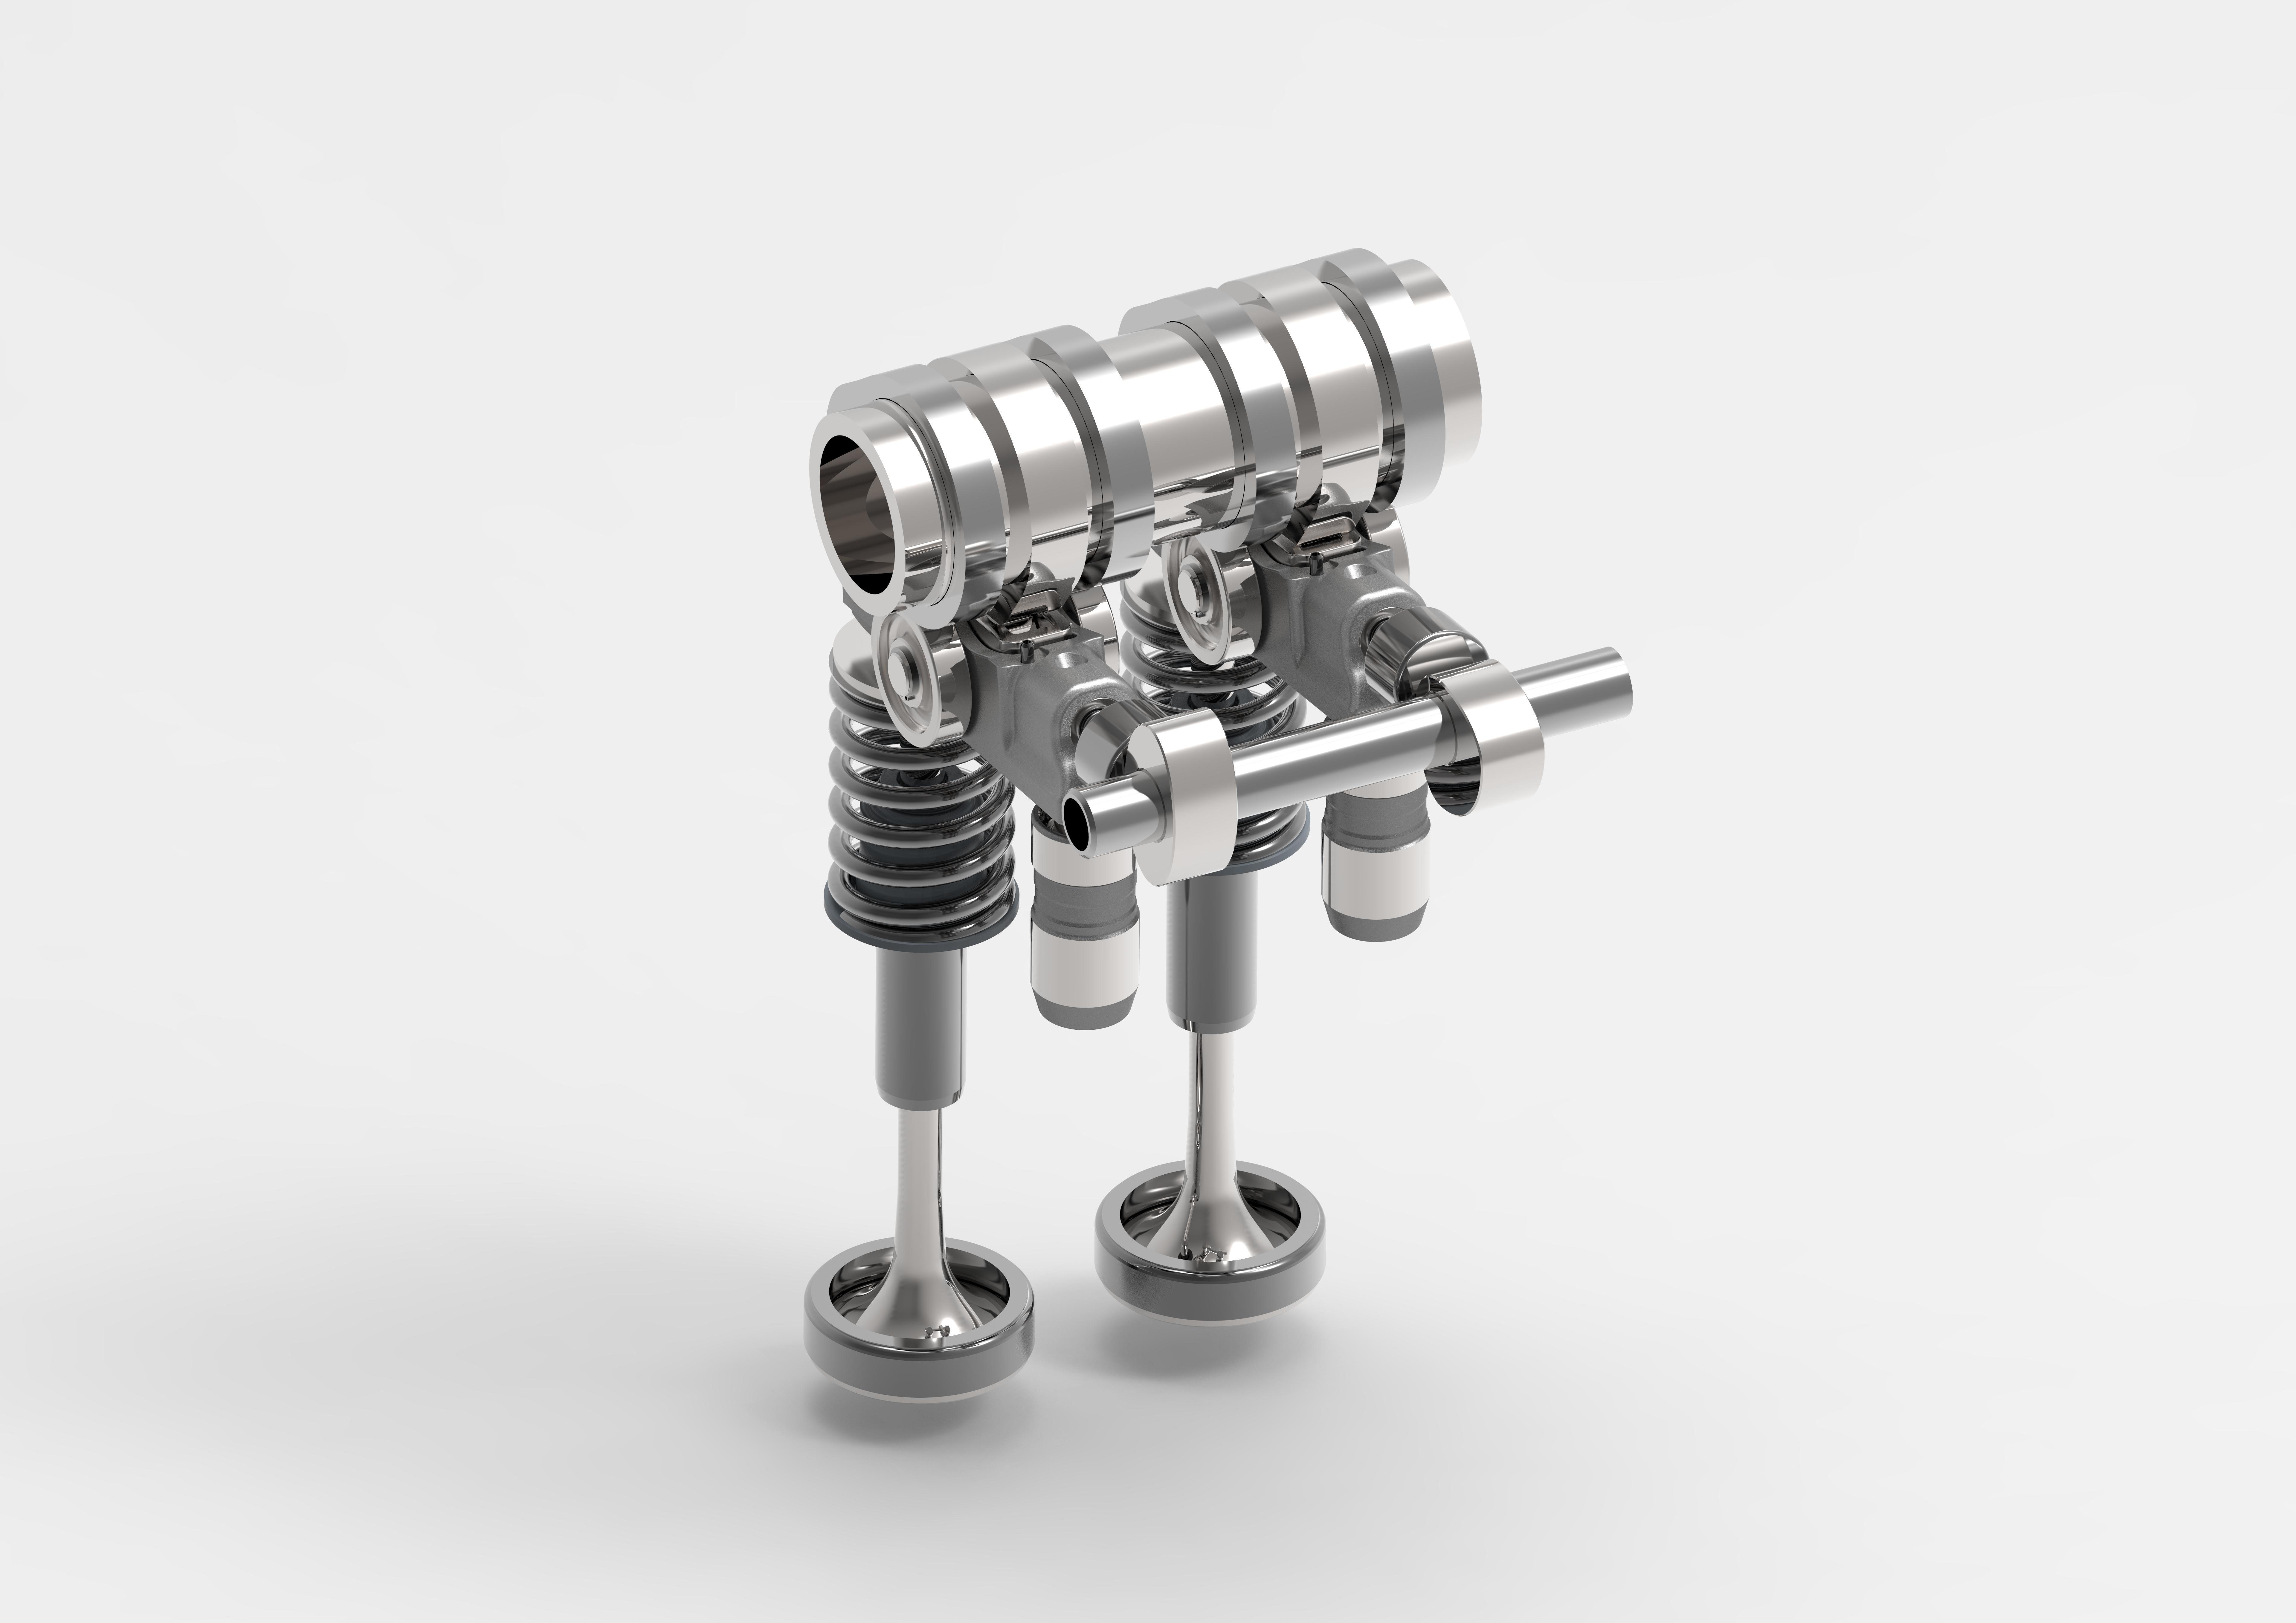 Aan de zijde van de hydraulische klepsteller zien we het mini-nokkenasje dat de samengestelde tuimelaar bedient. Merk op: twee verschillende nokjes, om twee in- of uitlaatkleppen per cilinder elk apart te regelen.